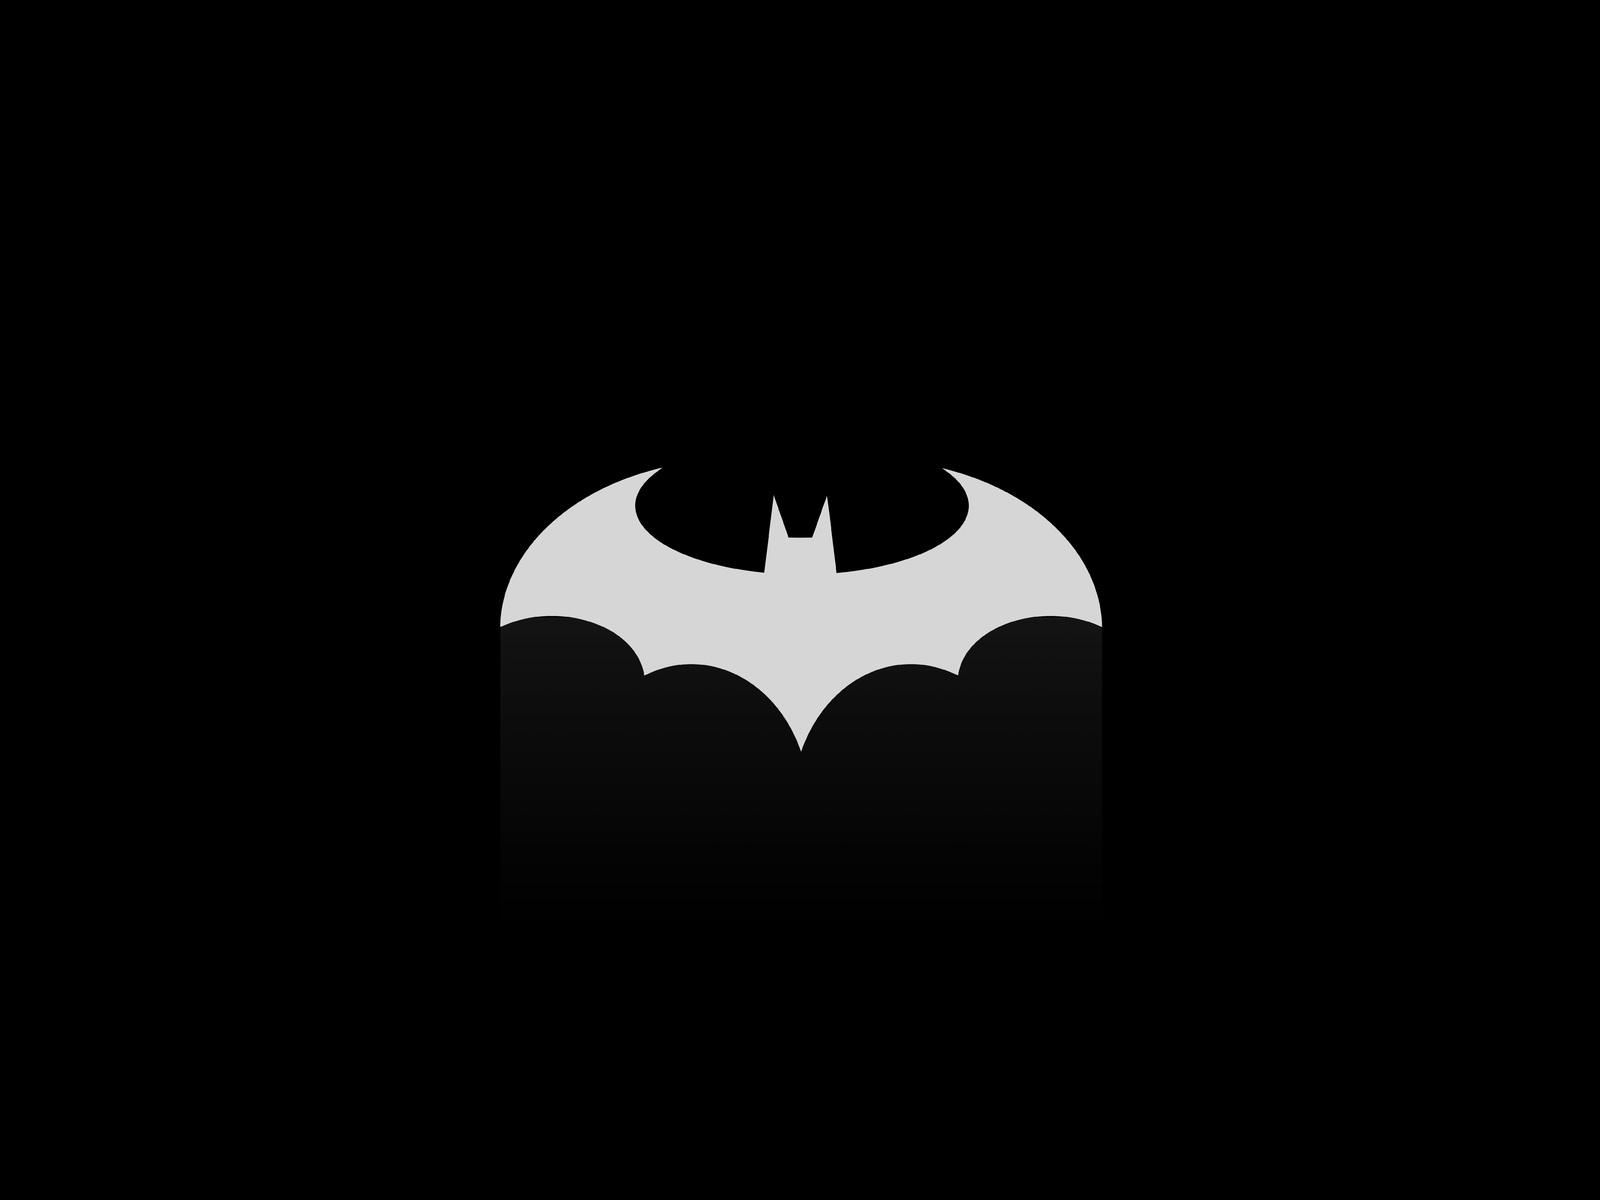 batman-logo-10k-24.jpg